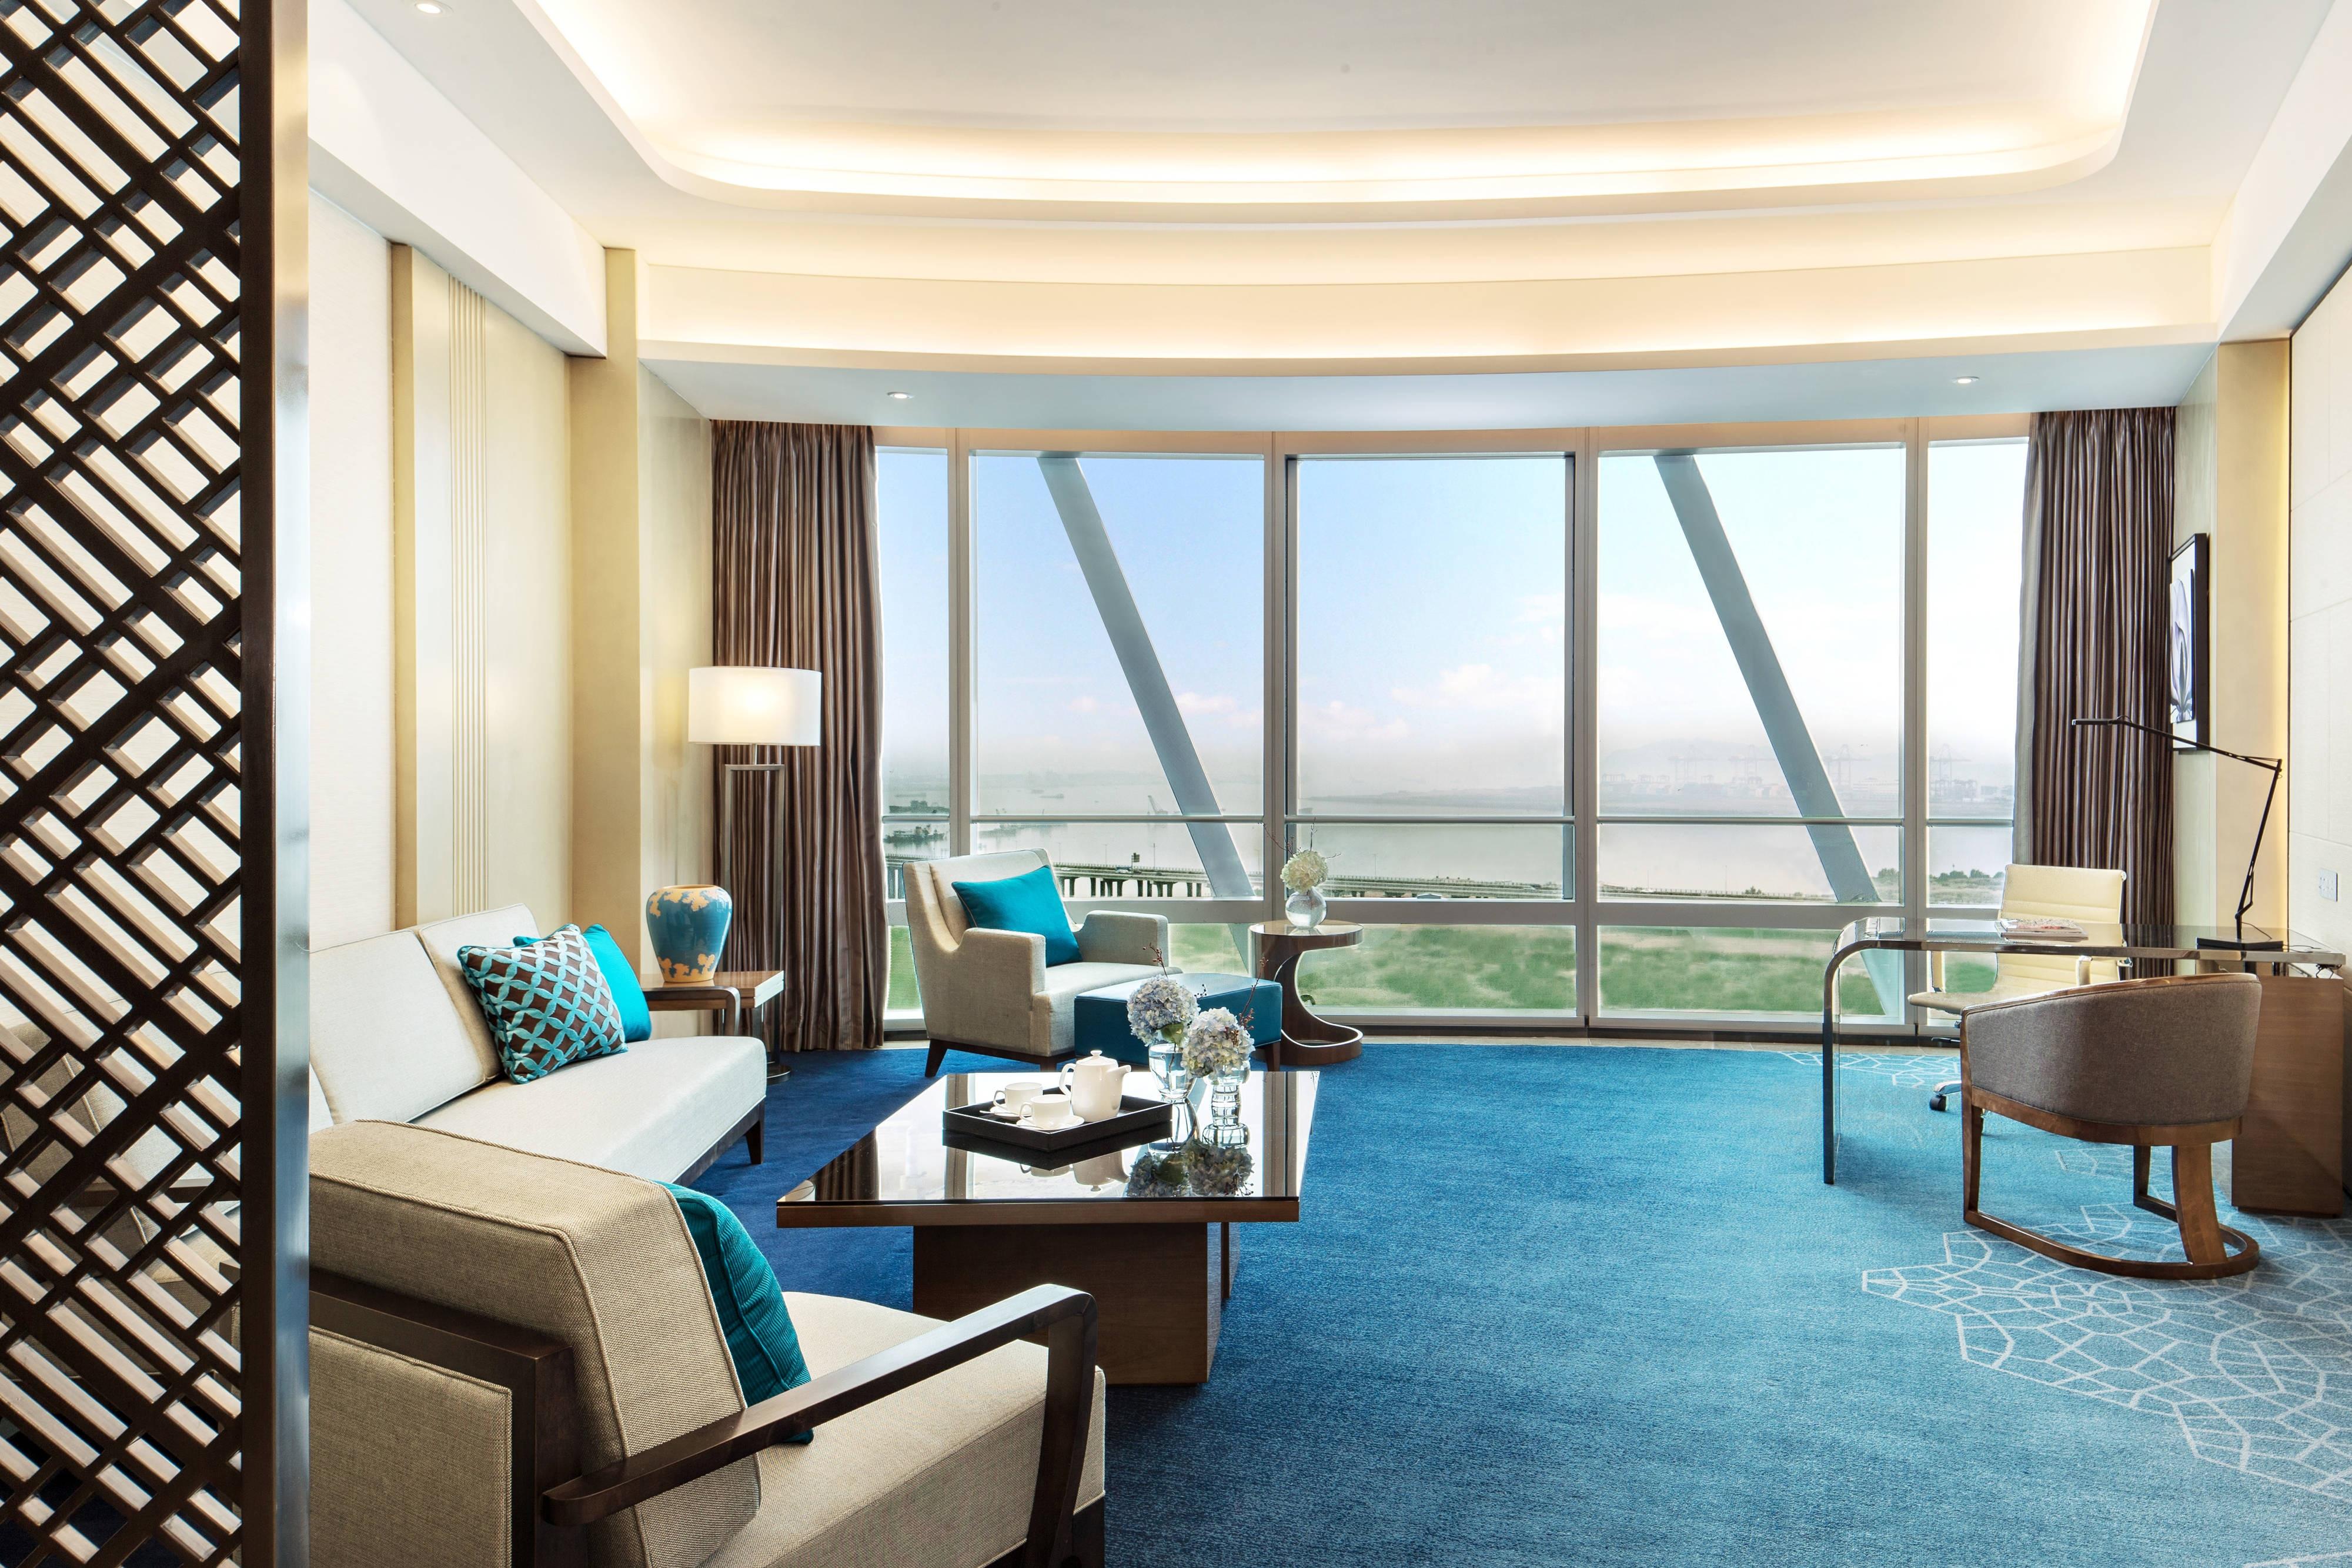 Deluxe Bay View Suite